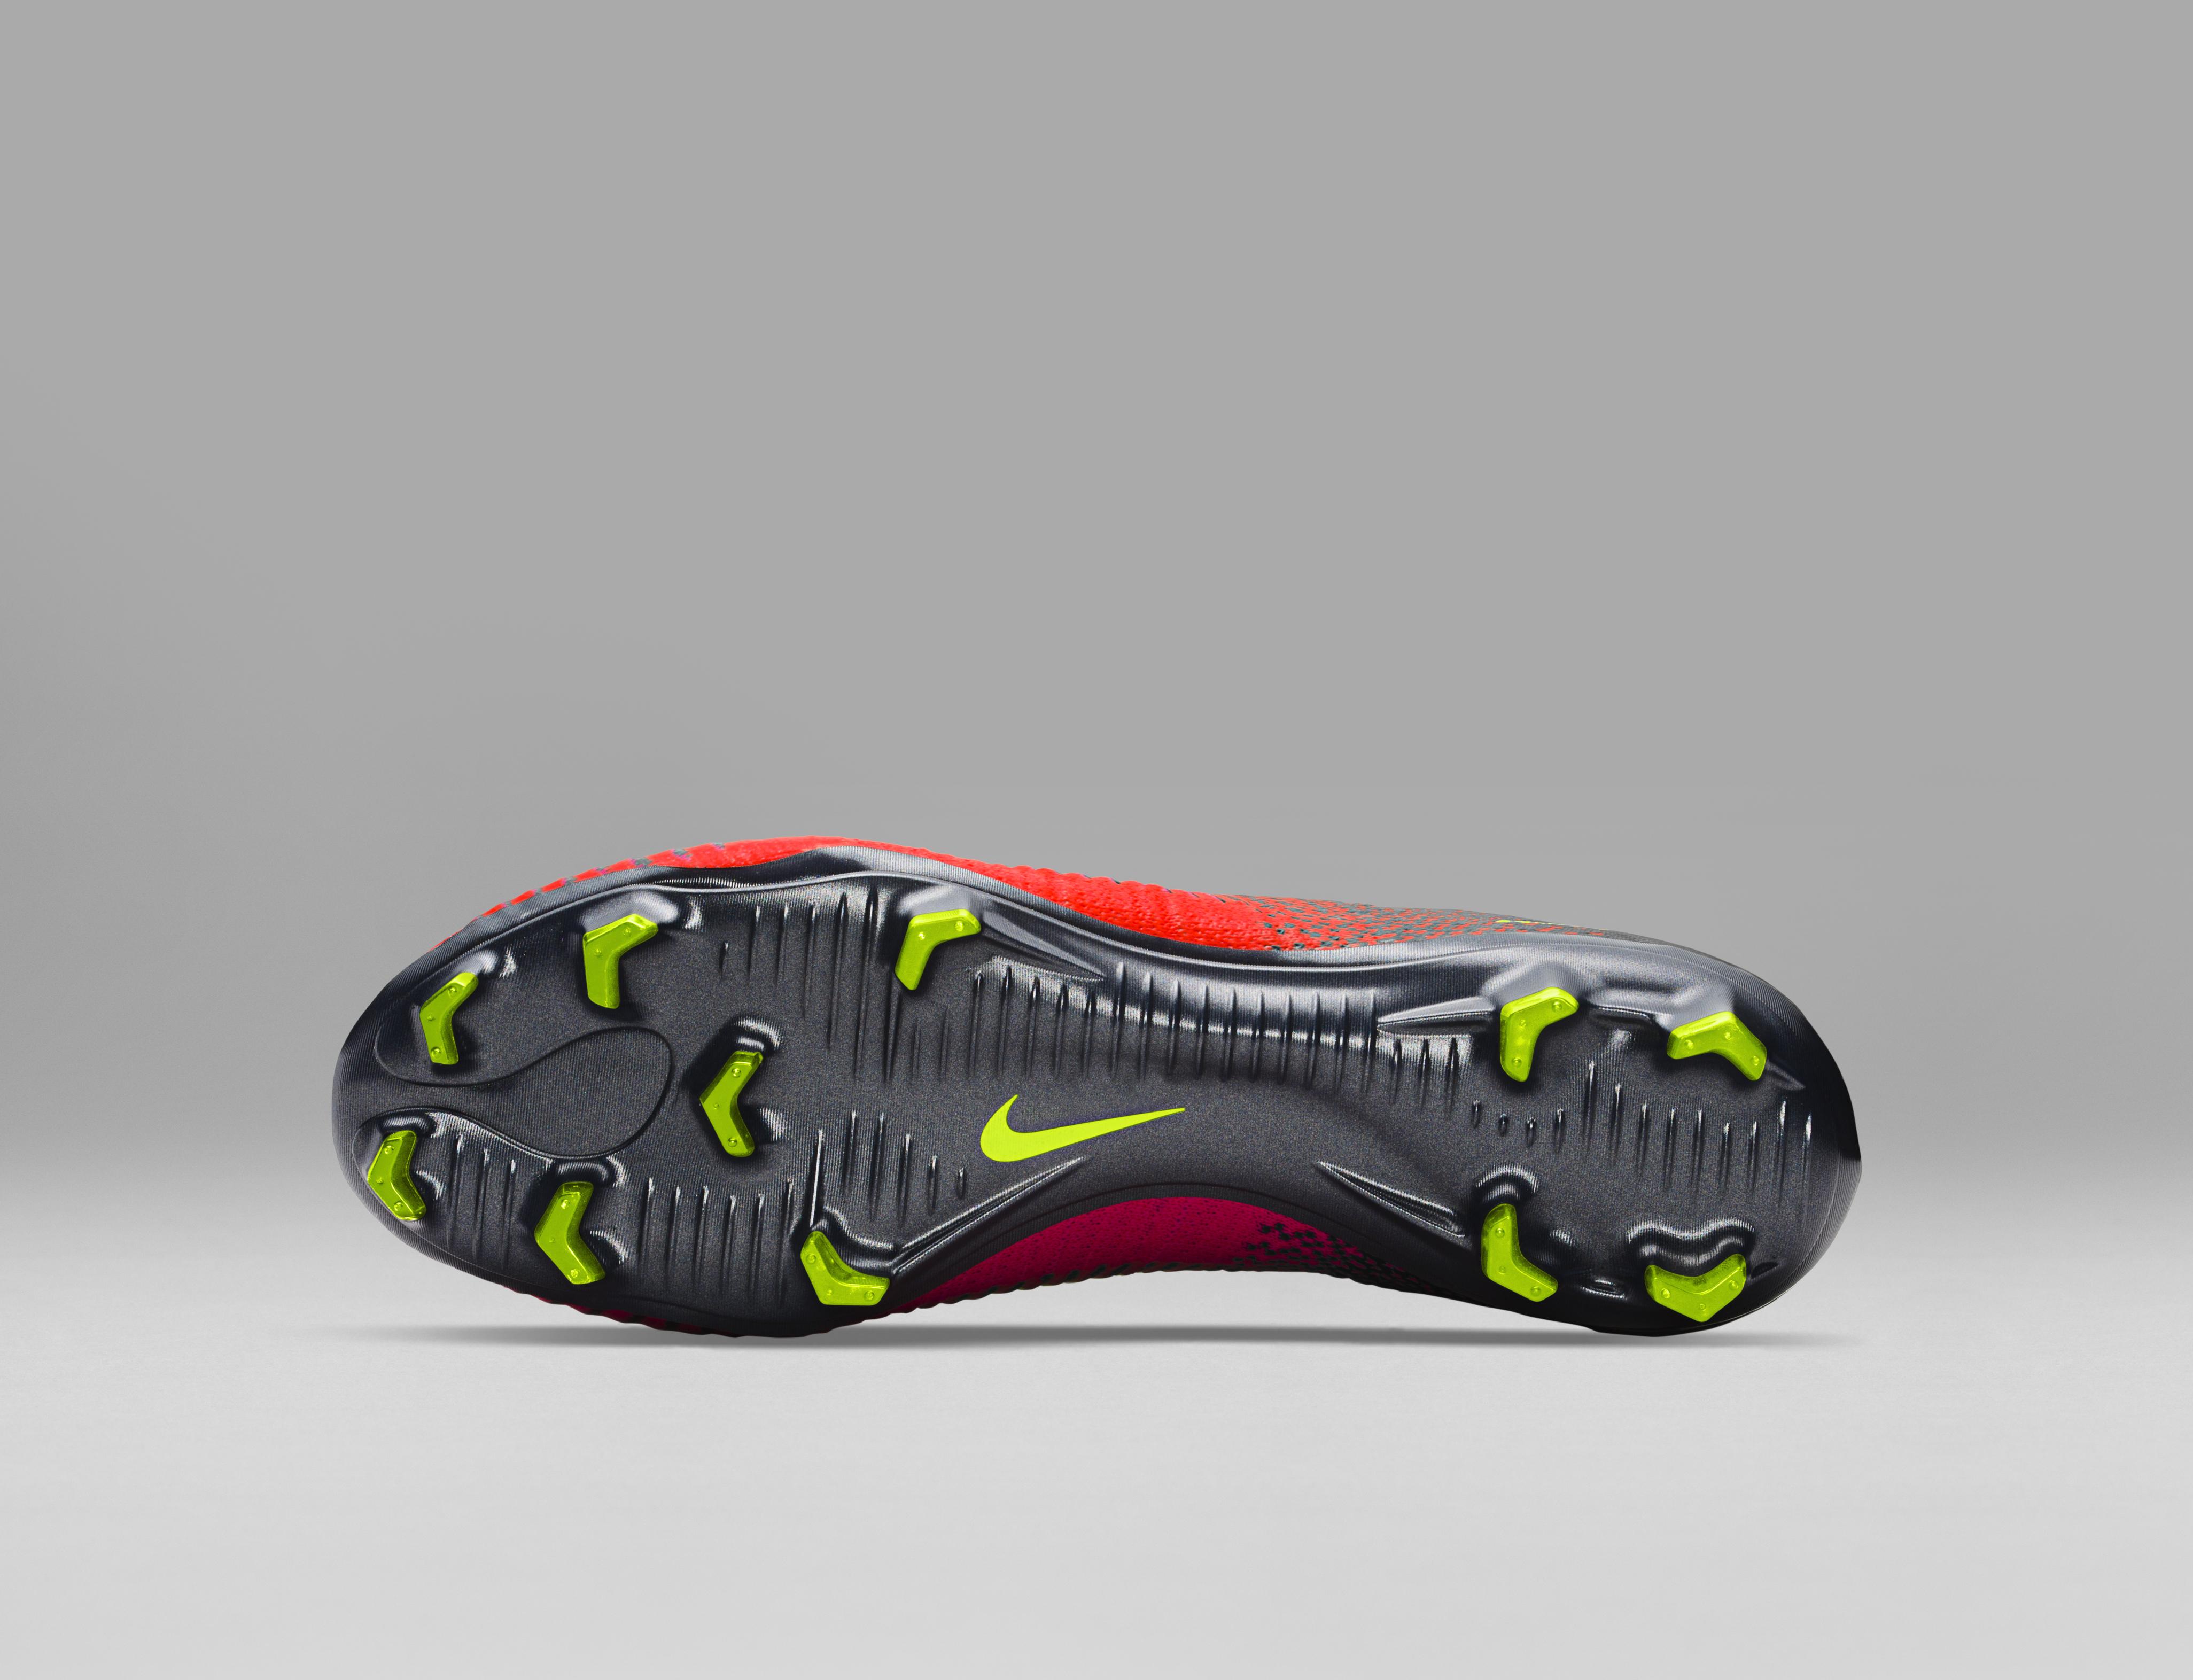 7ae4c975389fcf ... tecniche ma la caratteristica principale si conferma la stessa di sempre:  Velocità. Nike Hypervenom: una leggera rinfrescata per la Phantom, modello  di ...